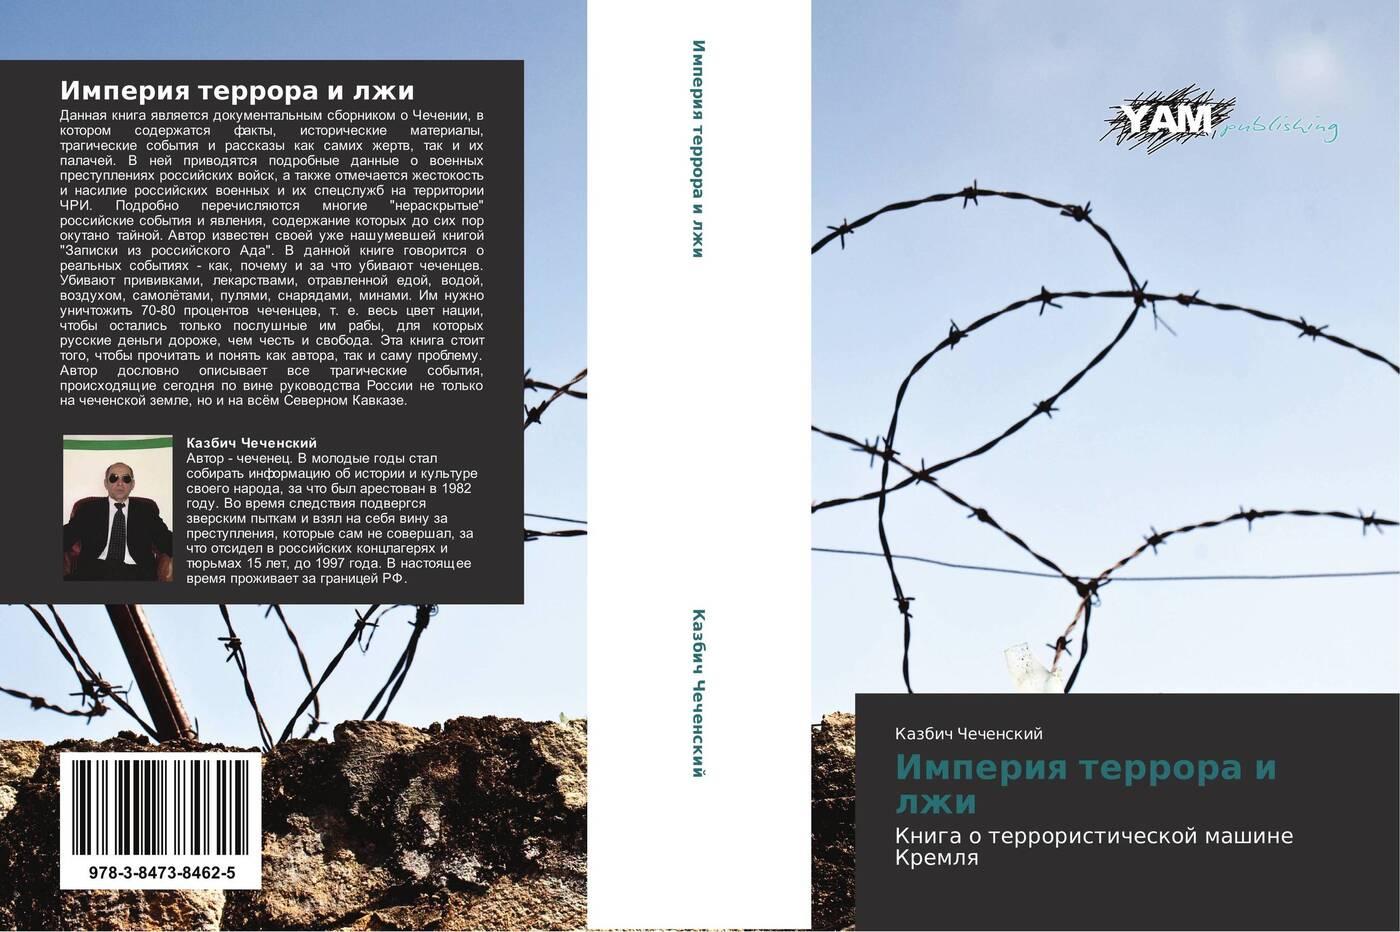 Казбич Чеченский Империя террора и лжи